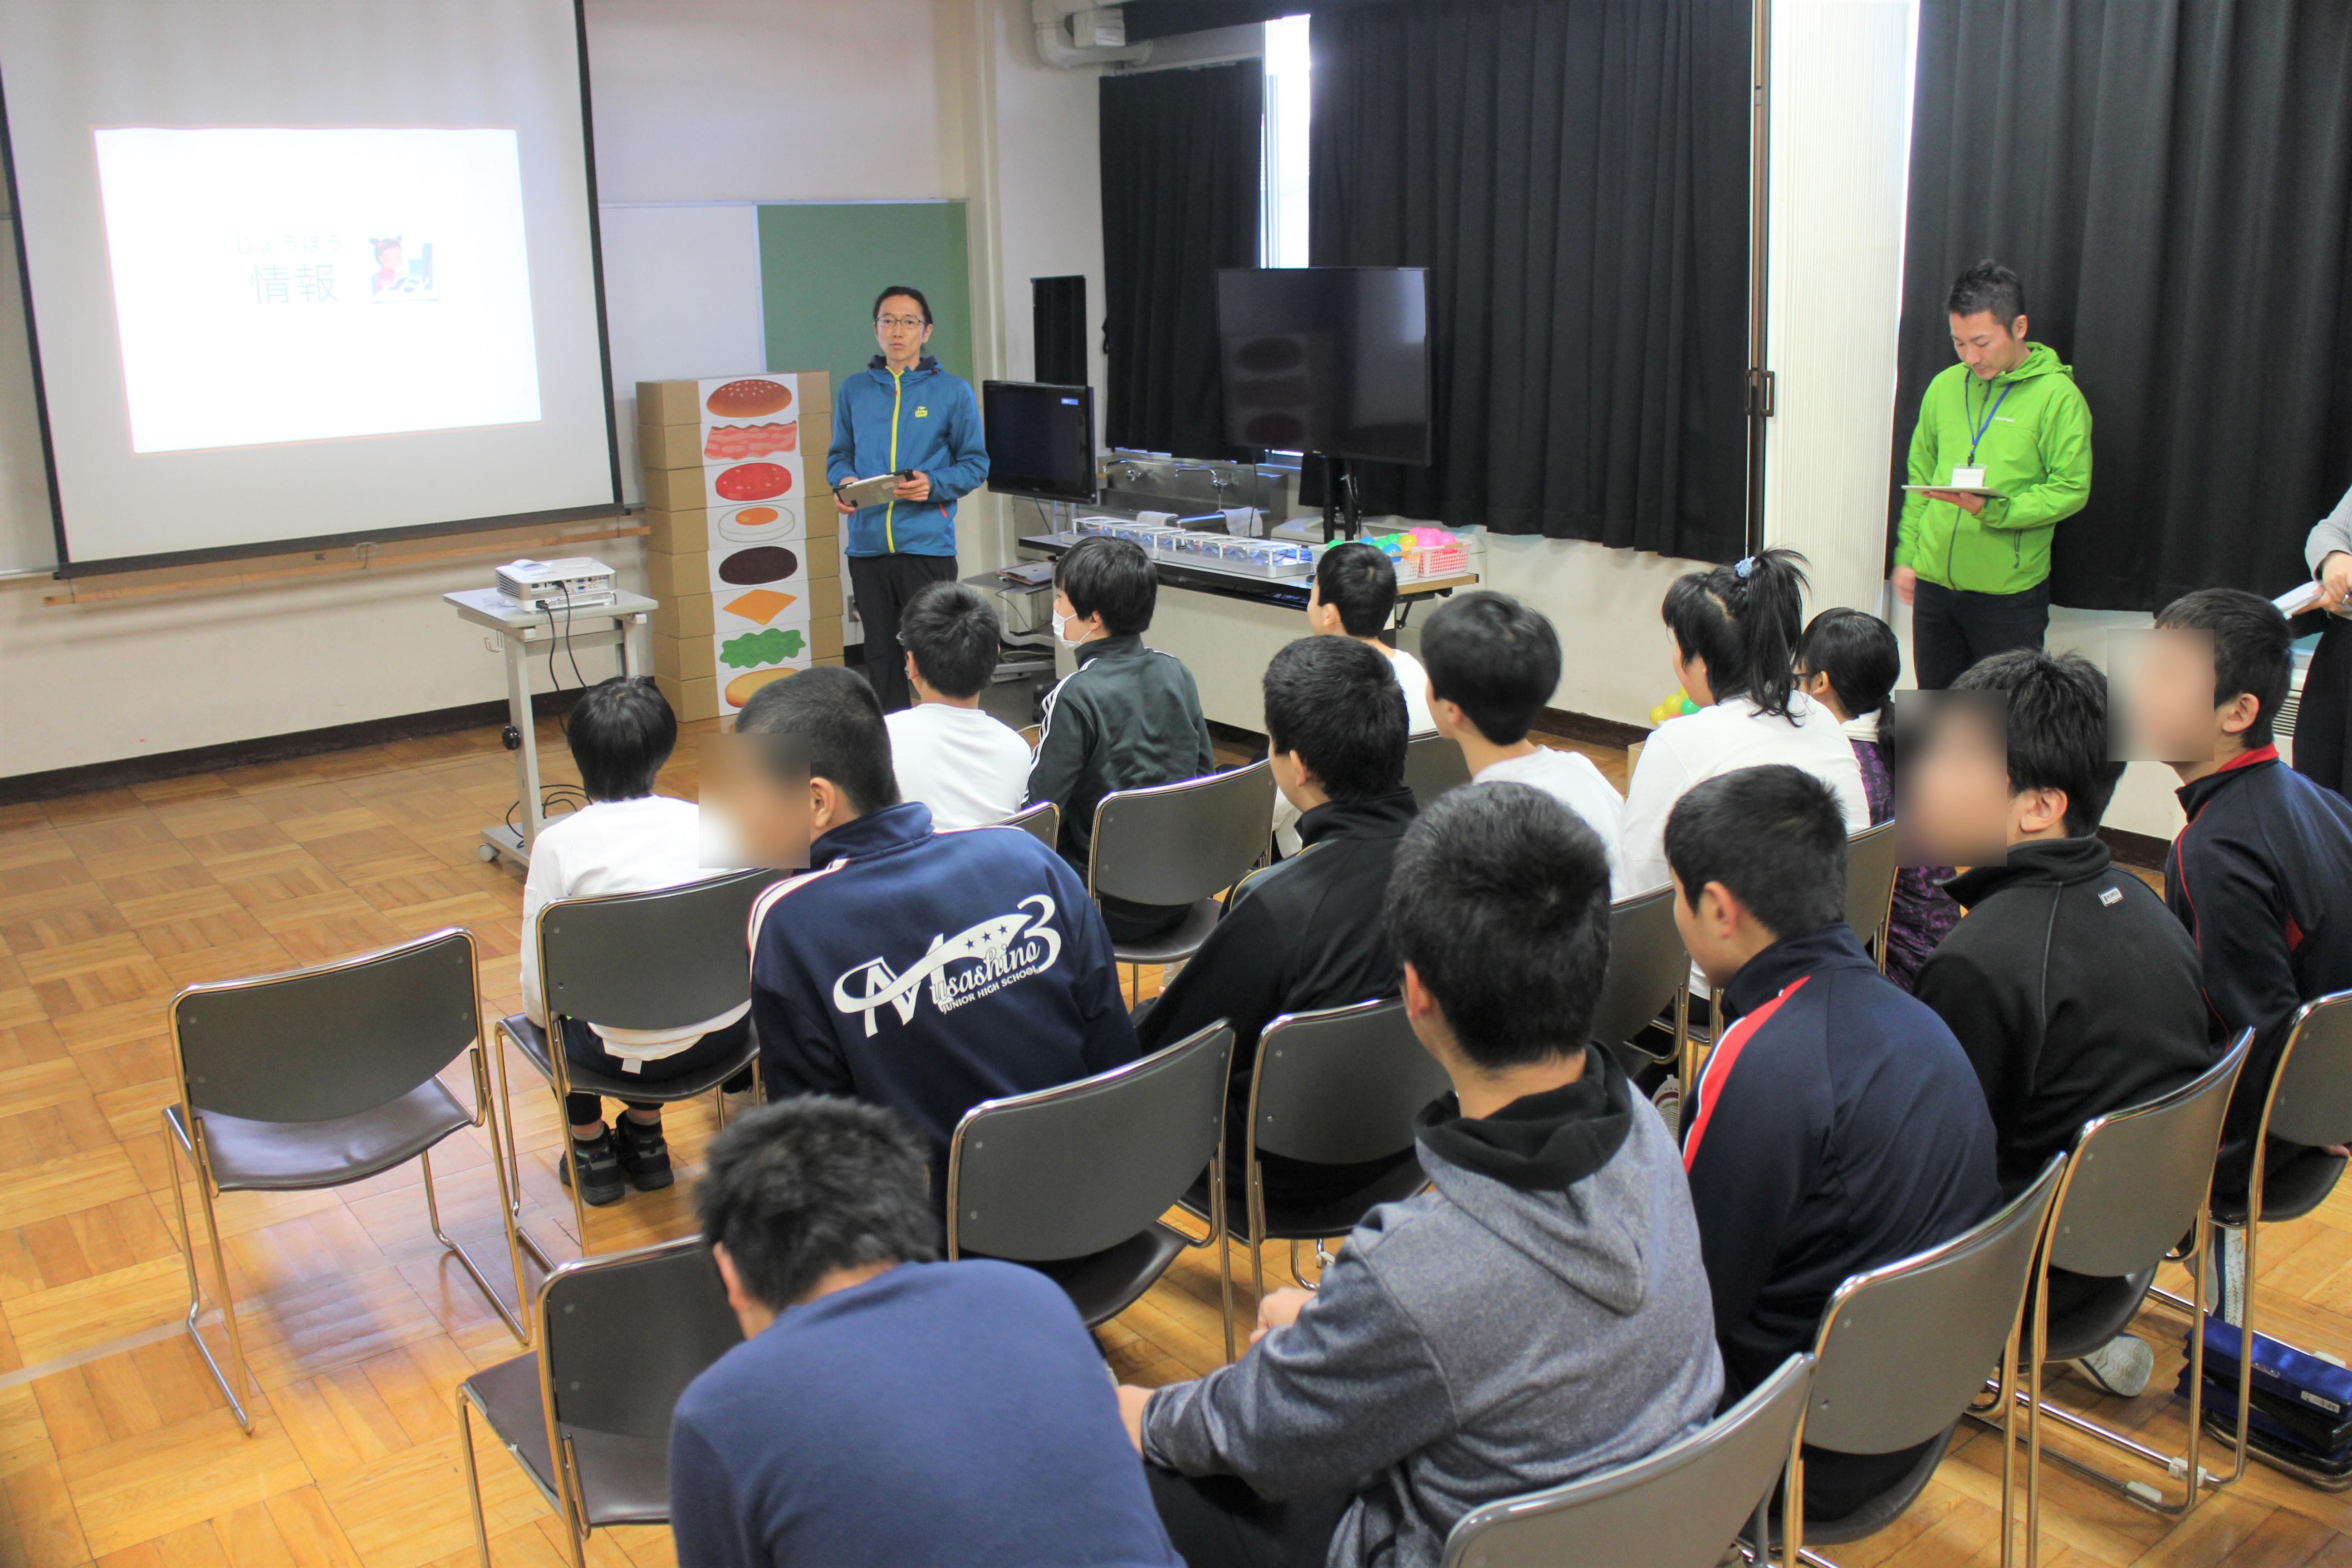 石神井特別支援学校で実証、「よくわかる」プログラミング学習の3ステップ